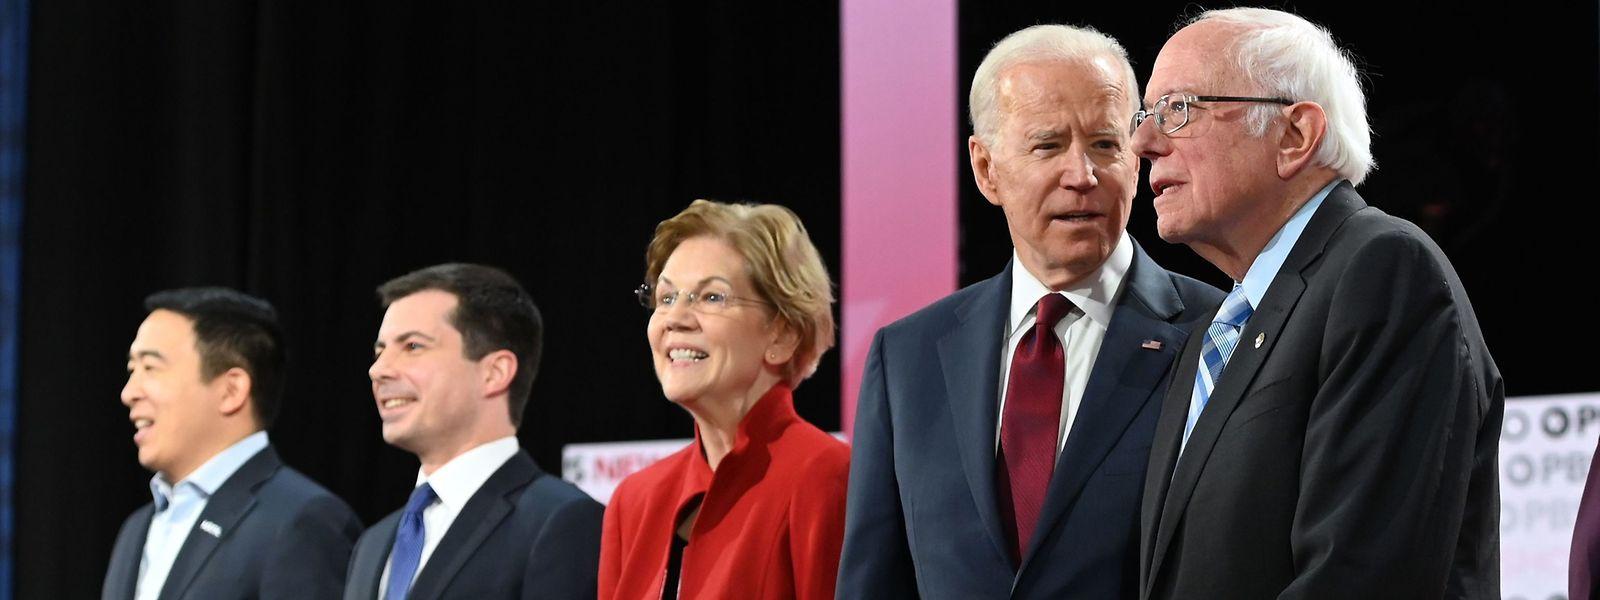 Die Präsidentschaftskandidaten der Demokraten (v.l.n.r): Andrew Yang, Pete Buttigieg, Elizabeth Warren, Joe Biden und Bernie Sanders.